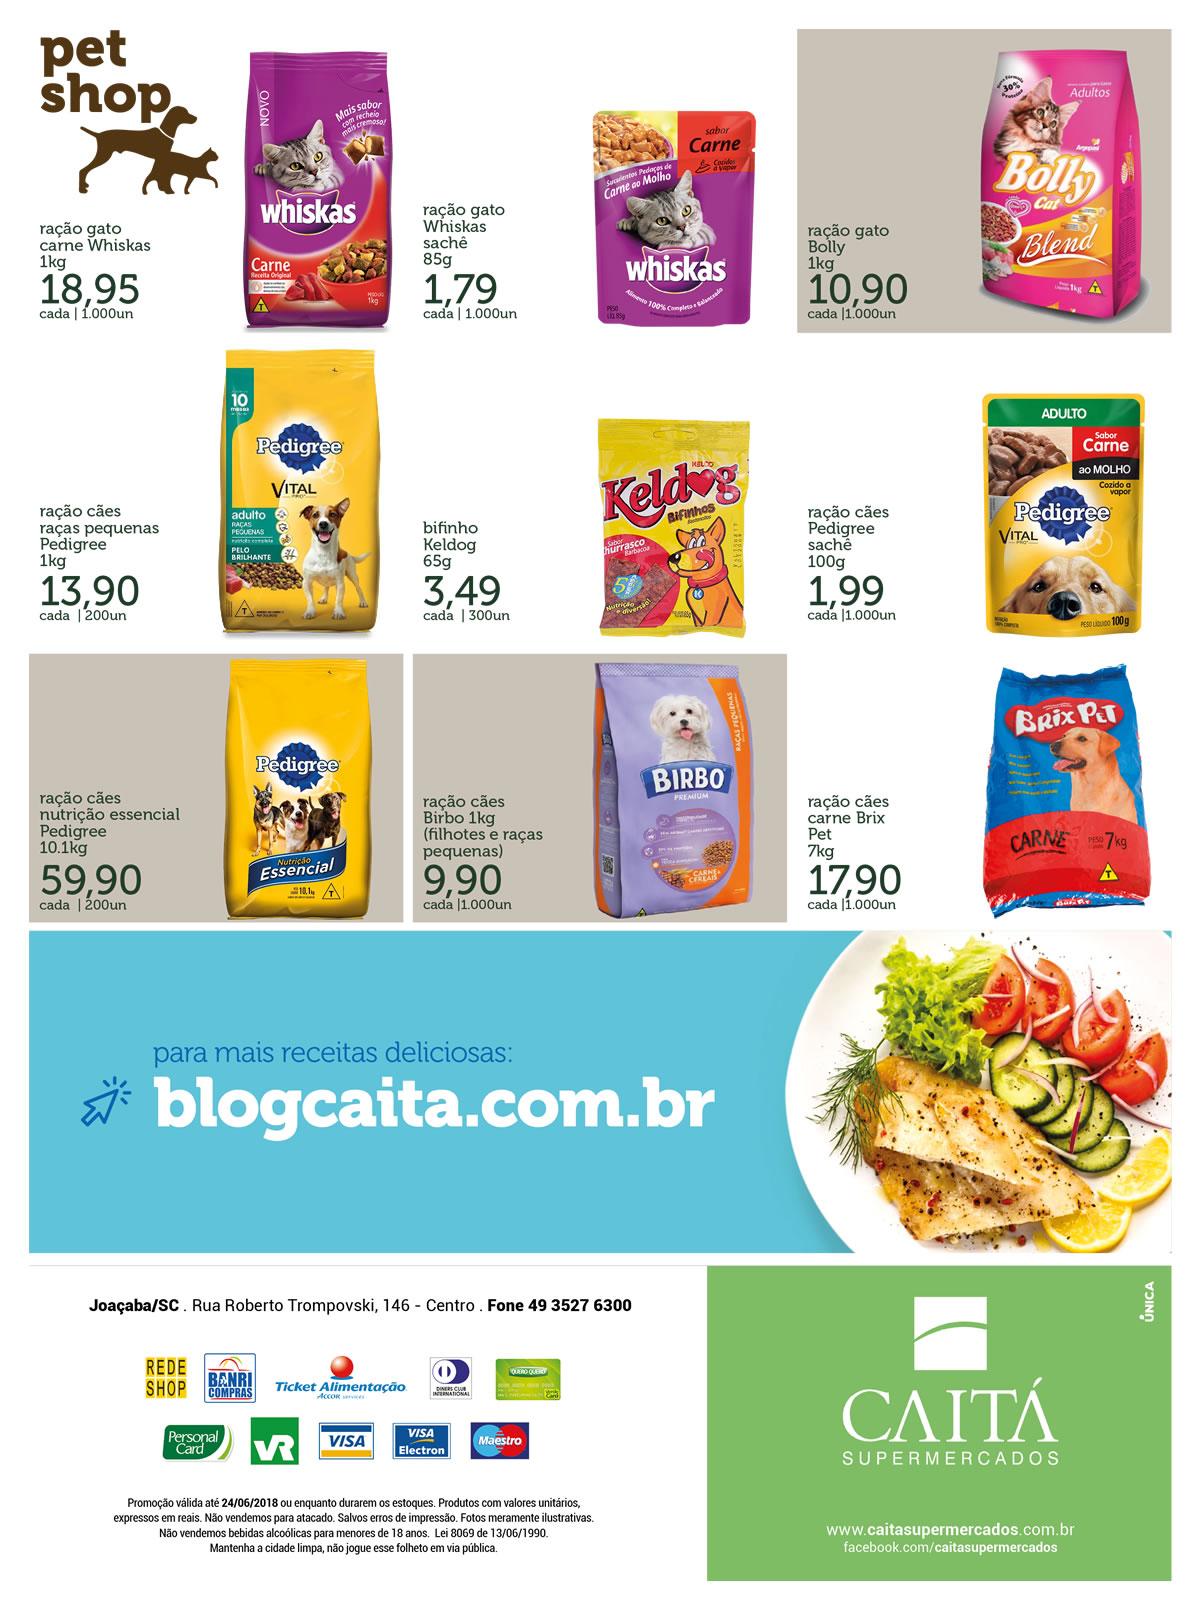 caita_supermercados_tabloide_junho2018_joacaba20